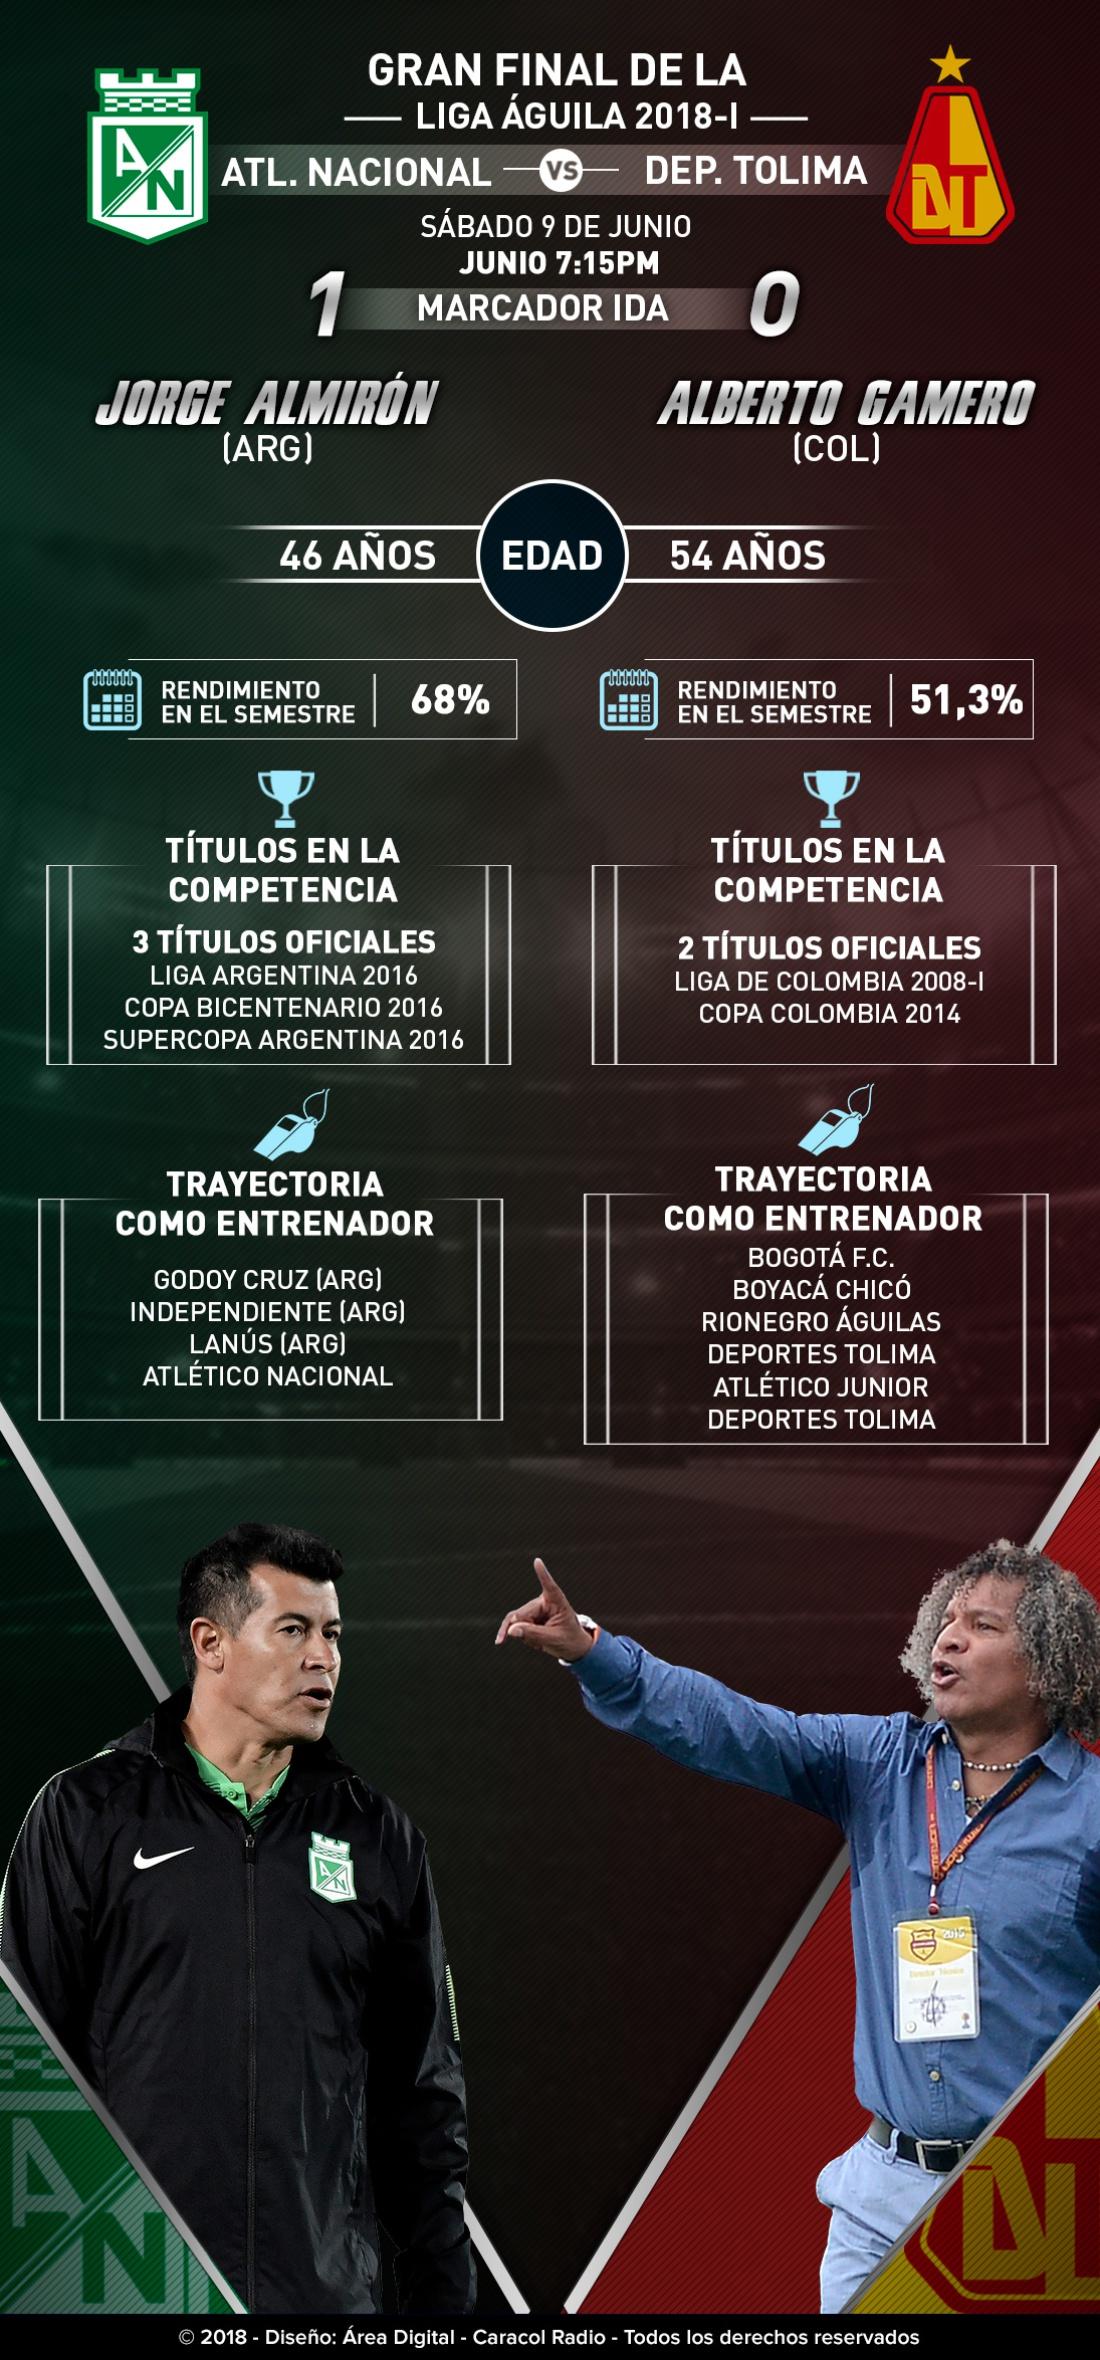 Liga Águila gran final Nacional Tolima Almirón Gamero: Duelo de estrategas en el Atanasio: Almirón Vs. Gamero